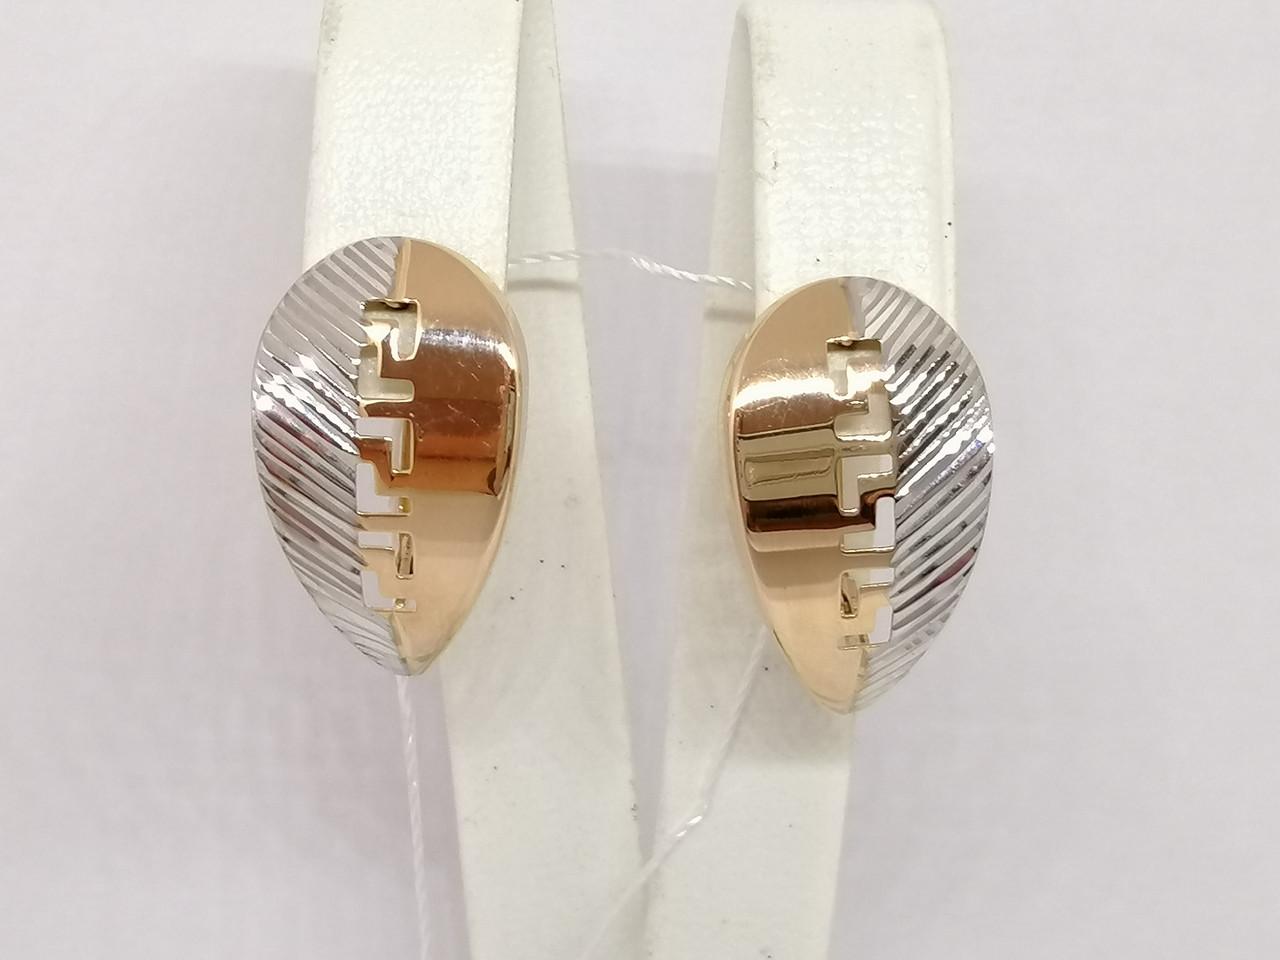 Золоті сережки з алмазною гранню. Артикул 02912-4/01/3